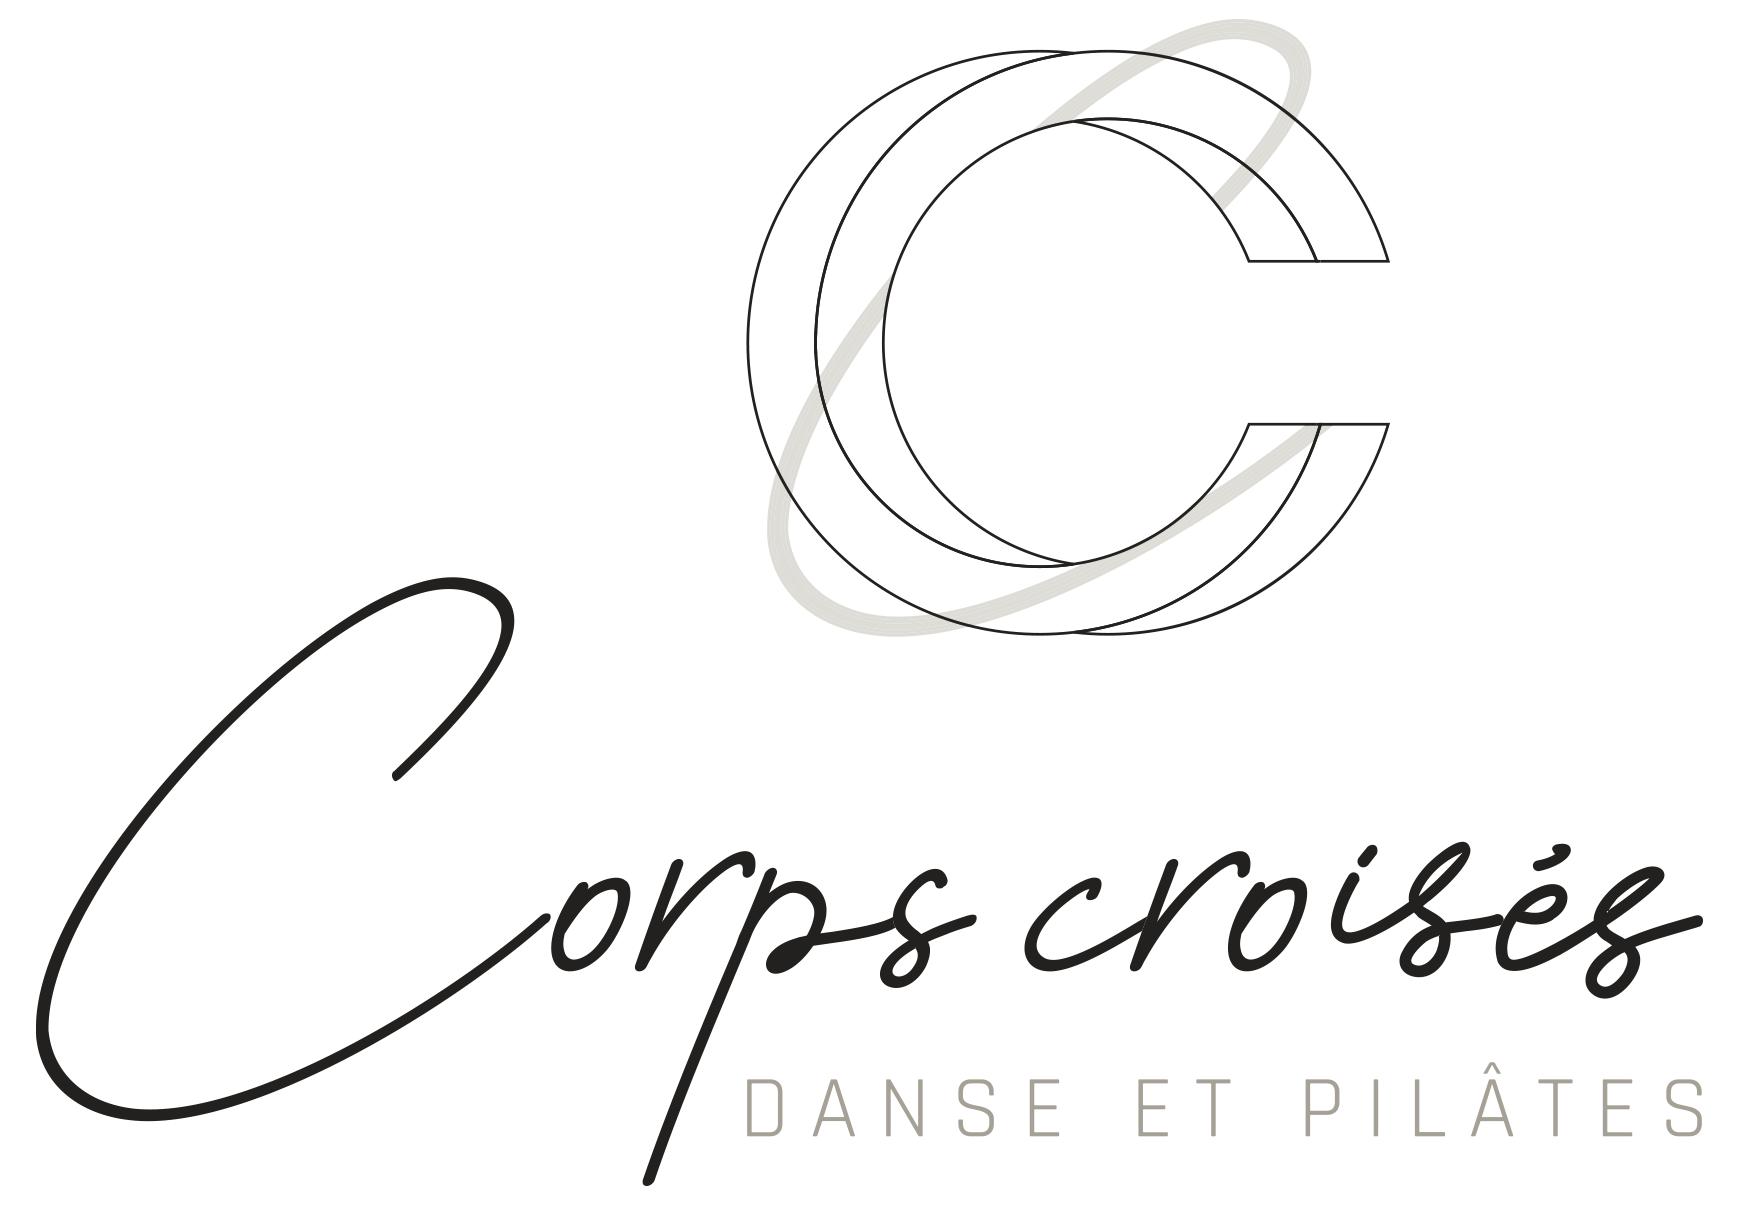 Logo Corps Croisés représentant 2 lettres C entrelacés